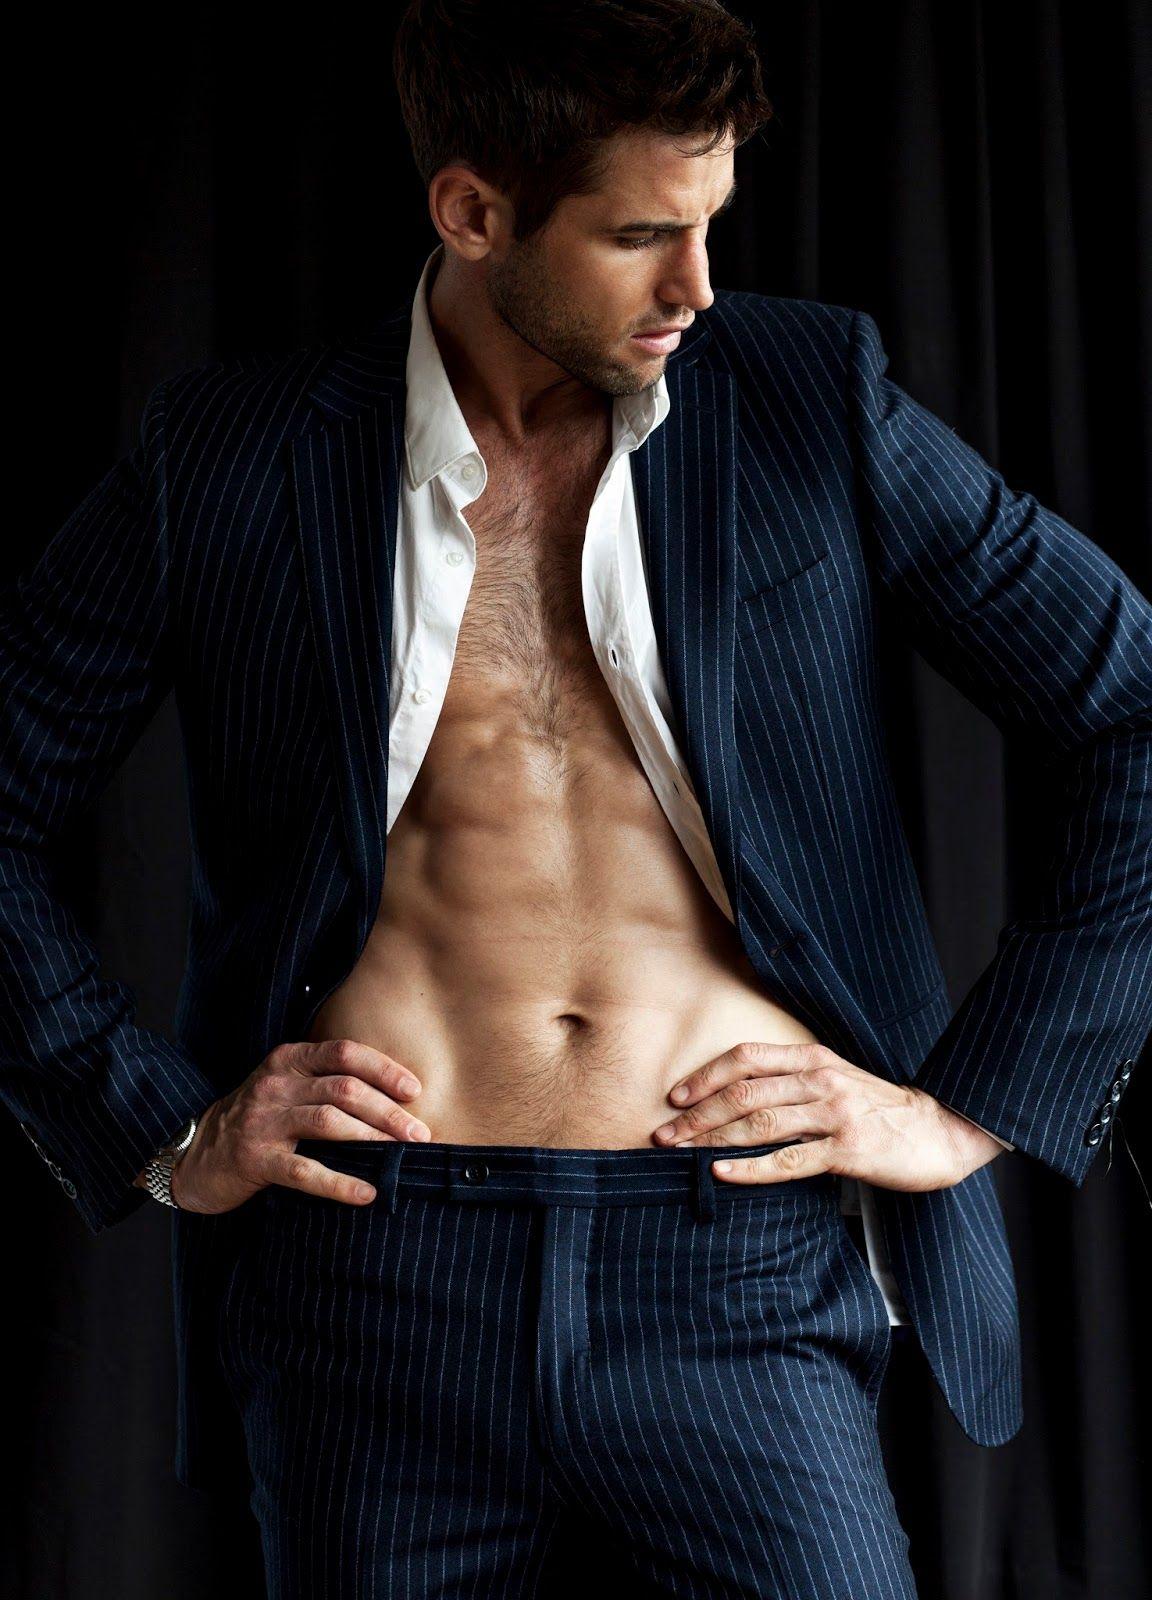 Suit man nude